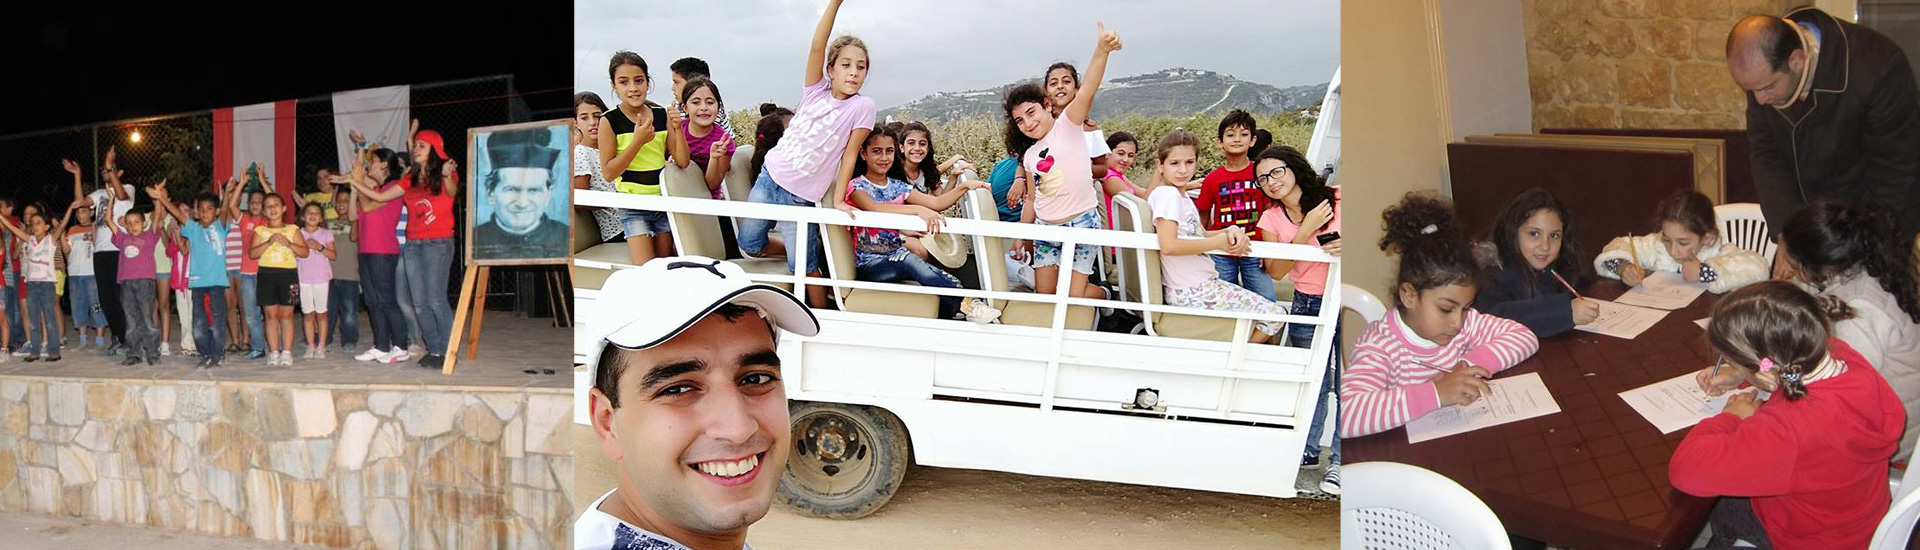 El joven que llevó a Don Bosco al Líbano